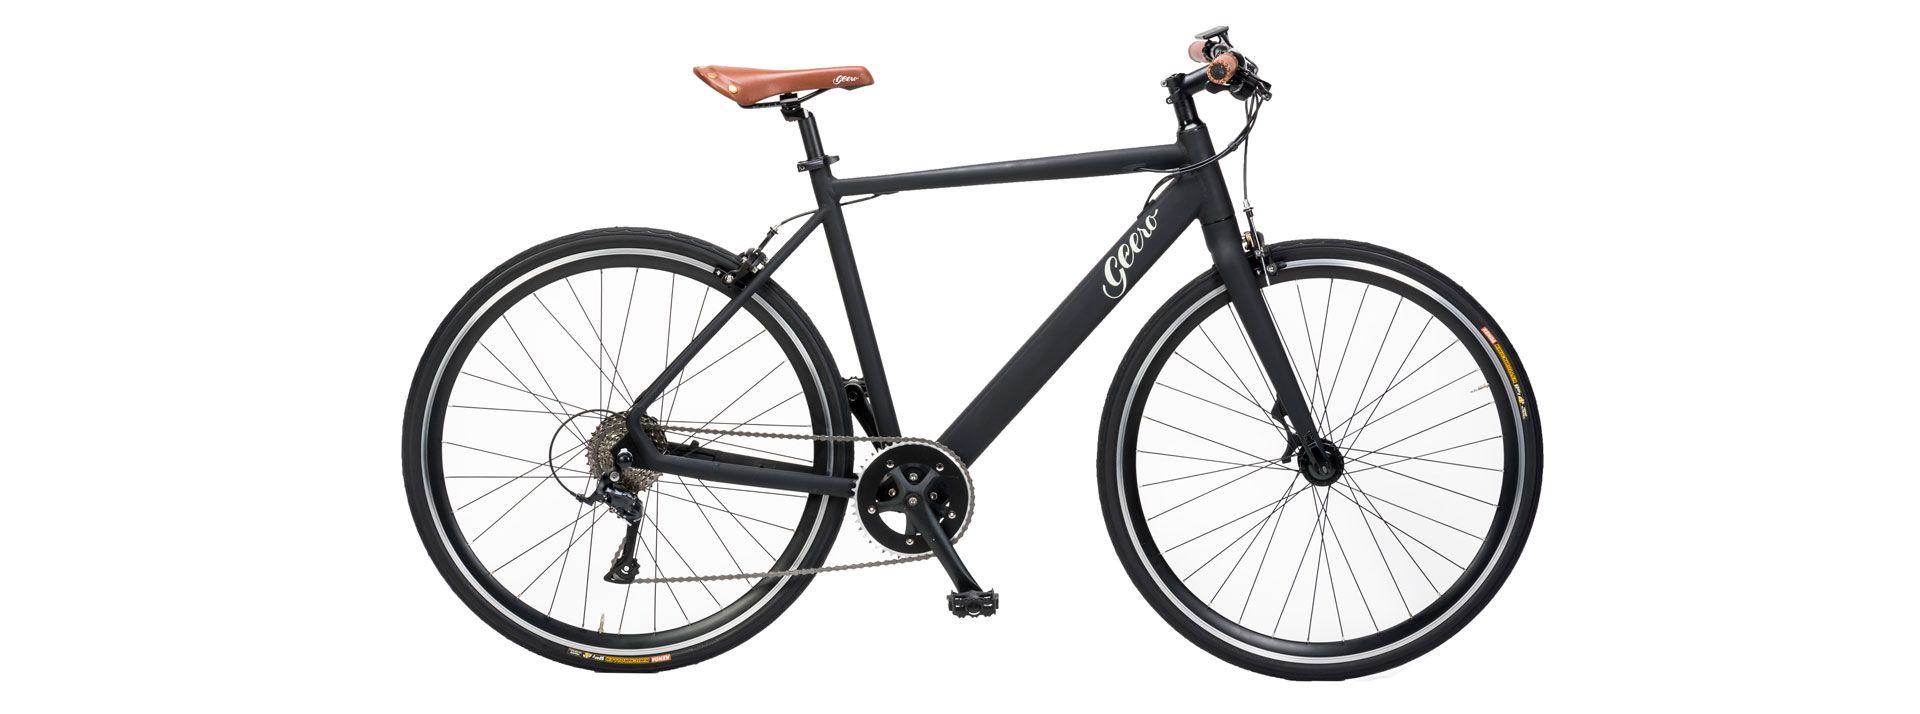 3601444995add7 Geero - Das innovative Retro E-Bike